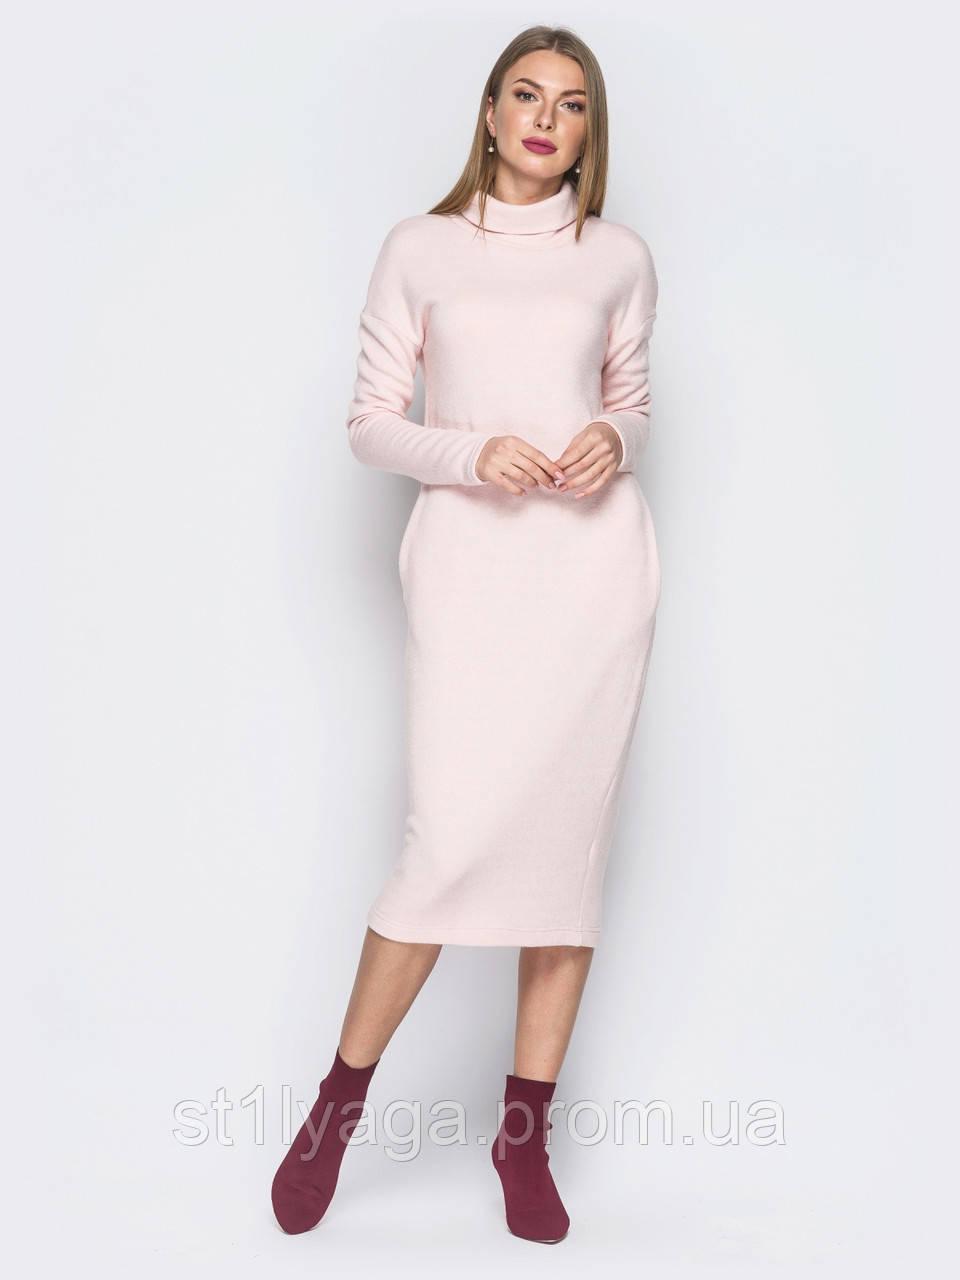 c735eacc2b3 ... Теплое платье-гольф из ангоры длиной миди с воротником хомут и карманами  в боковых швах ...